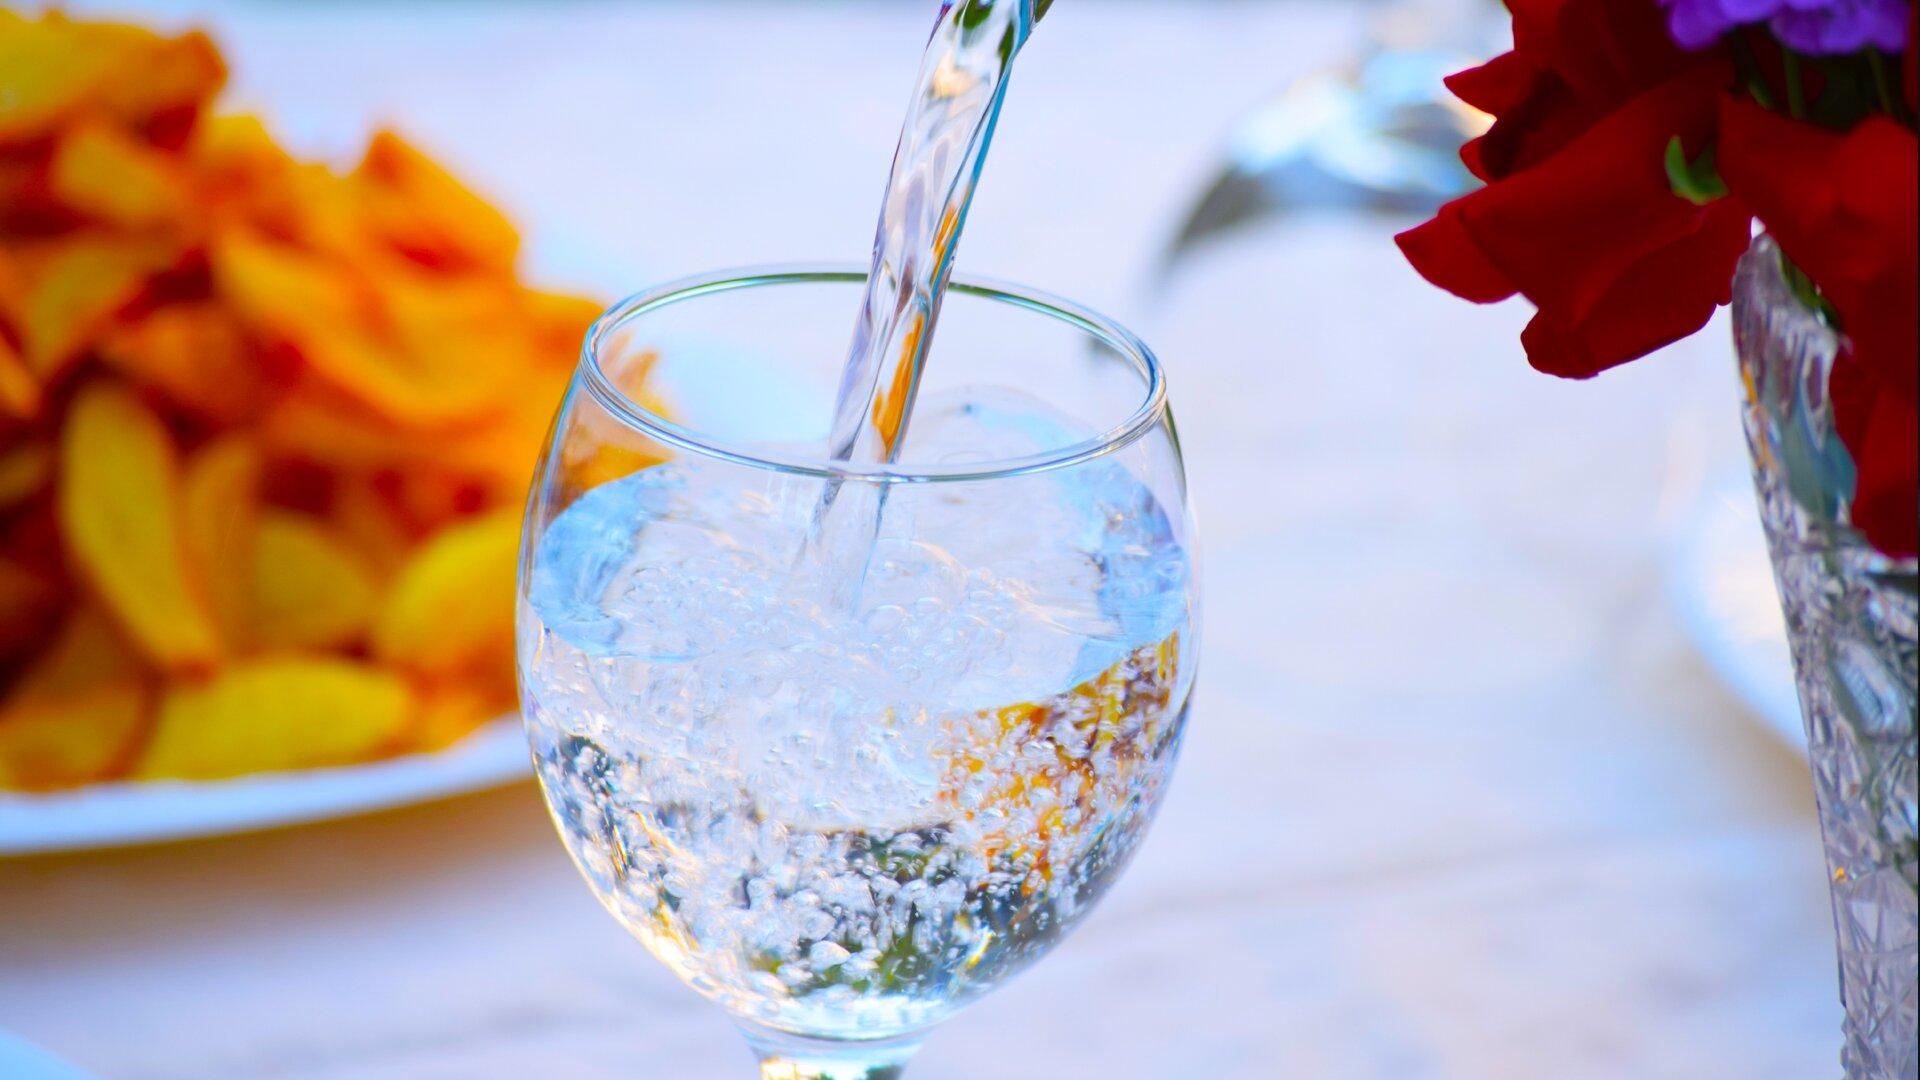 Ilustracja przedstawia nalewanie wody gazowanej do kieliszka. Po lewej stronie widać talerz zjedzeniem. Prawdopodobnie są to frytki. Po prawej stronie znajduje się kryształowy wazon zkwiatami.